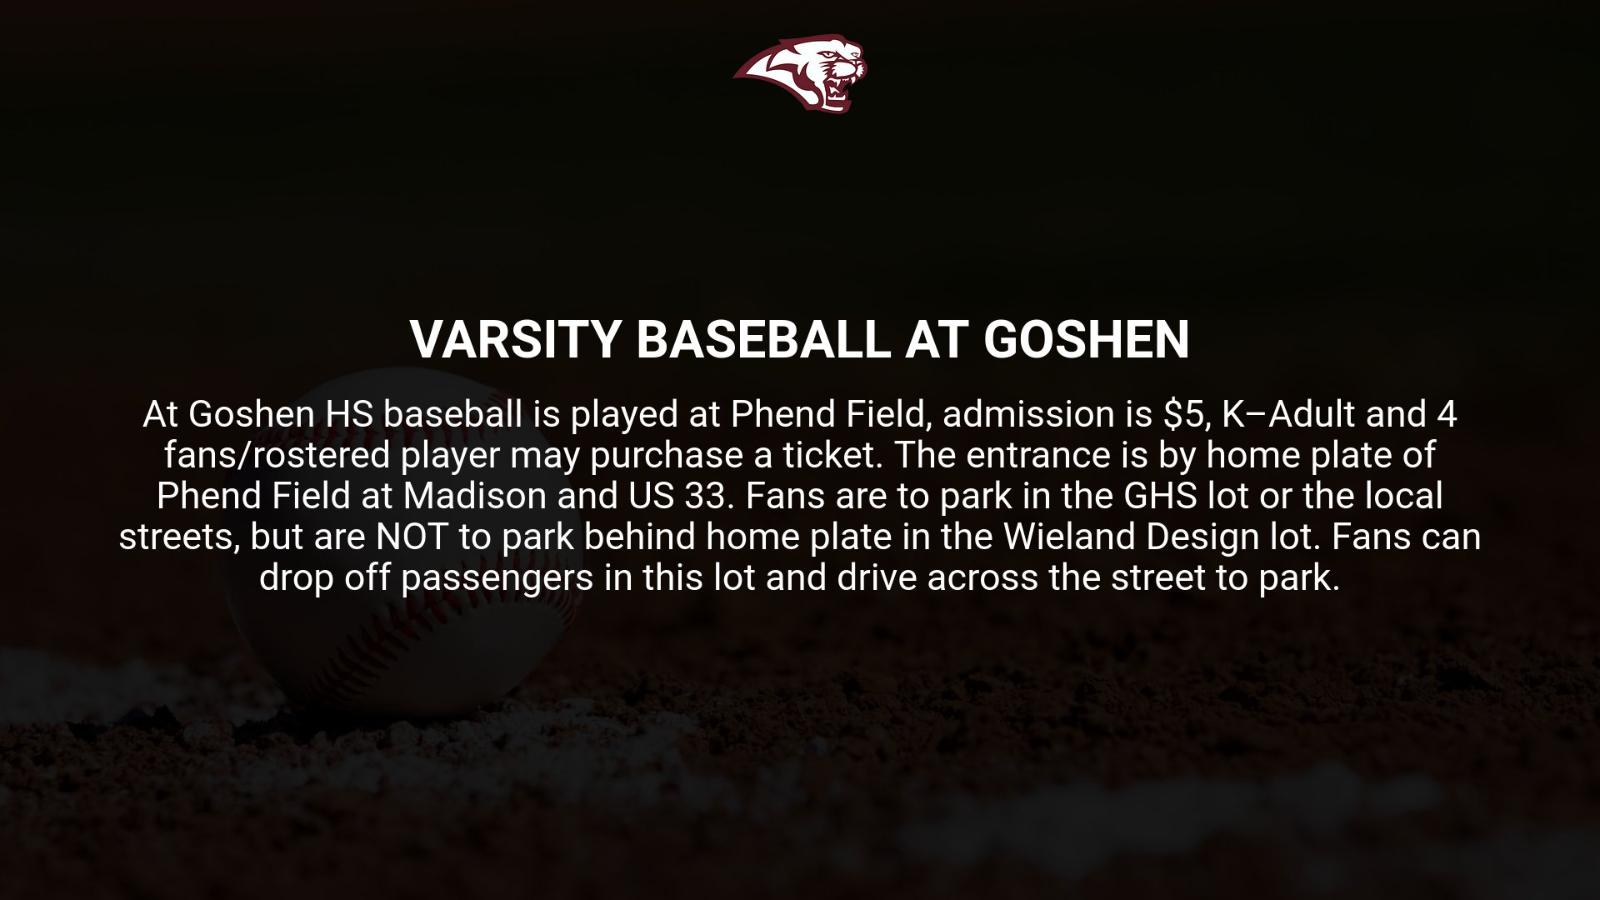 Varsity Baseball vs. Goshen